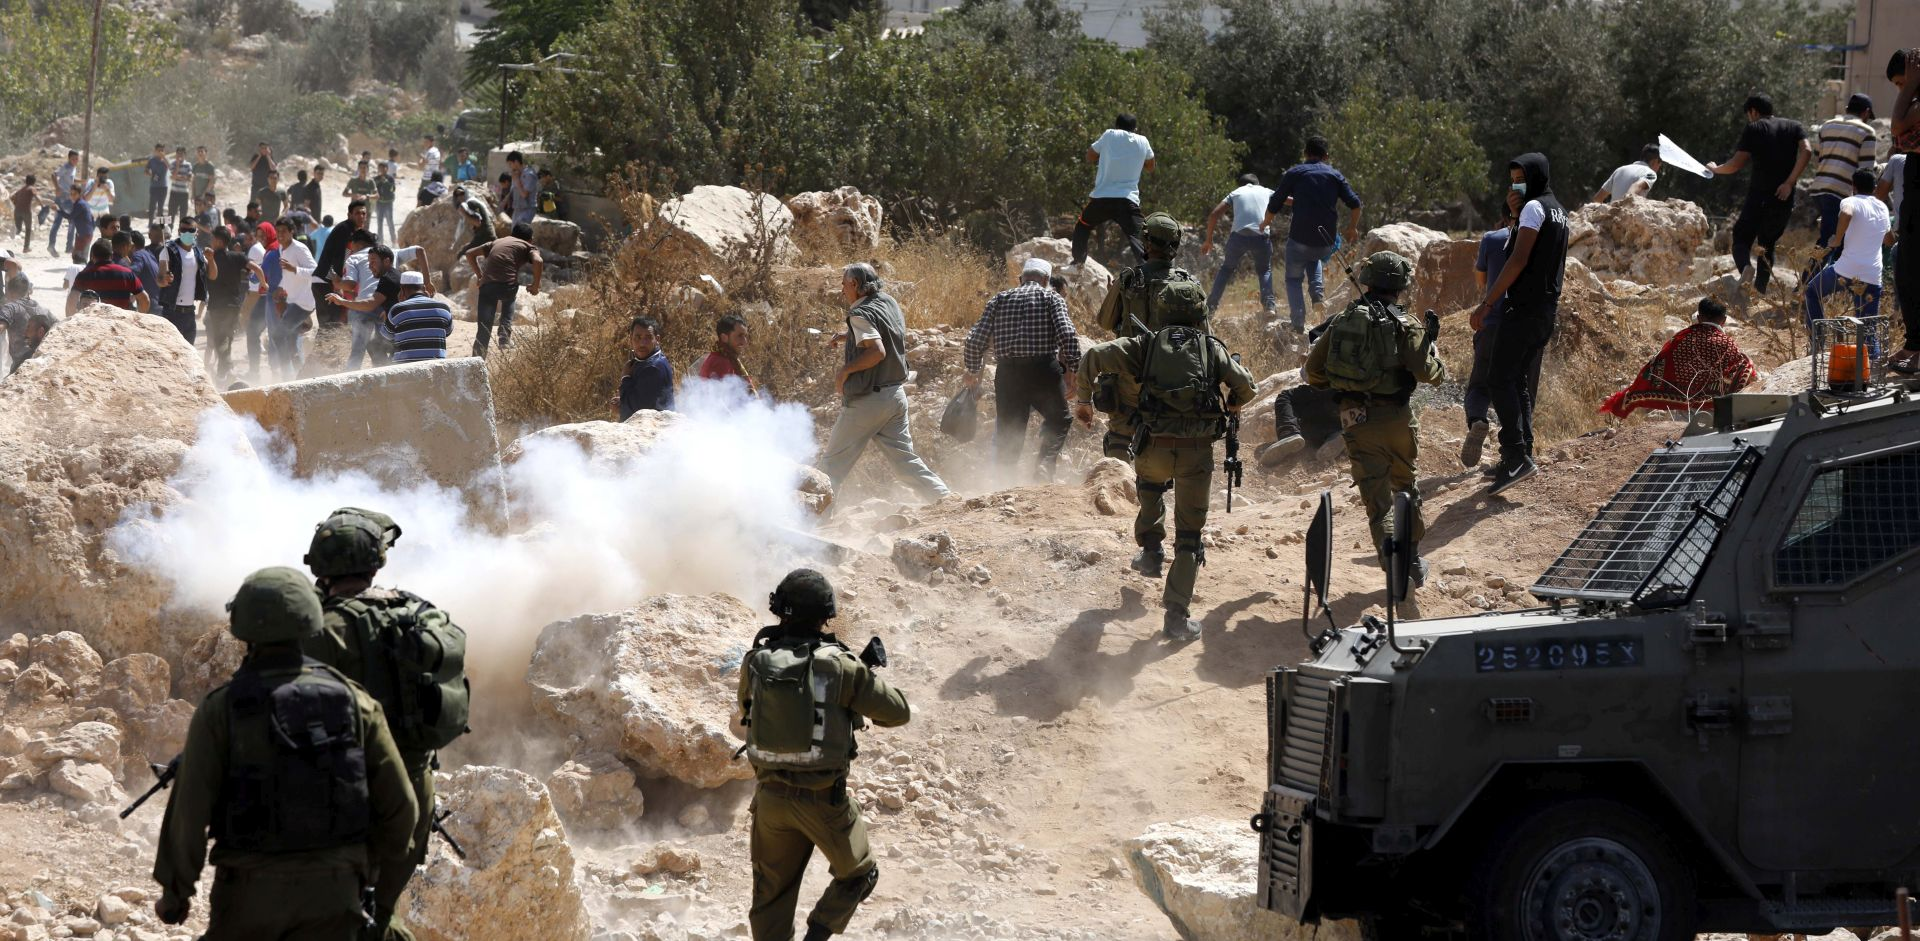 ZAPADNA OBALA Naoružani Palestinac ubio tri Izraelca, ranjene još četiri osobe